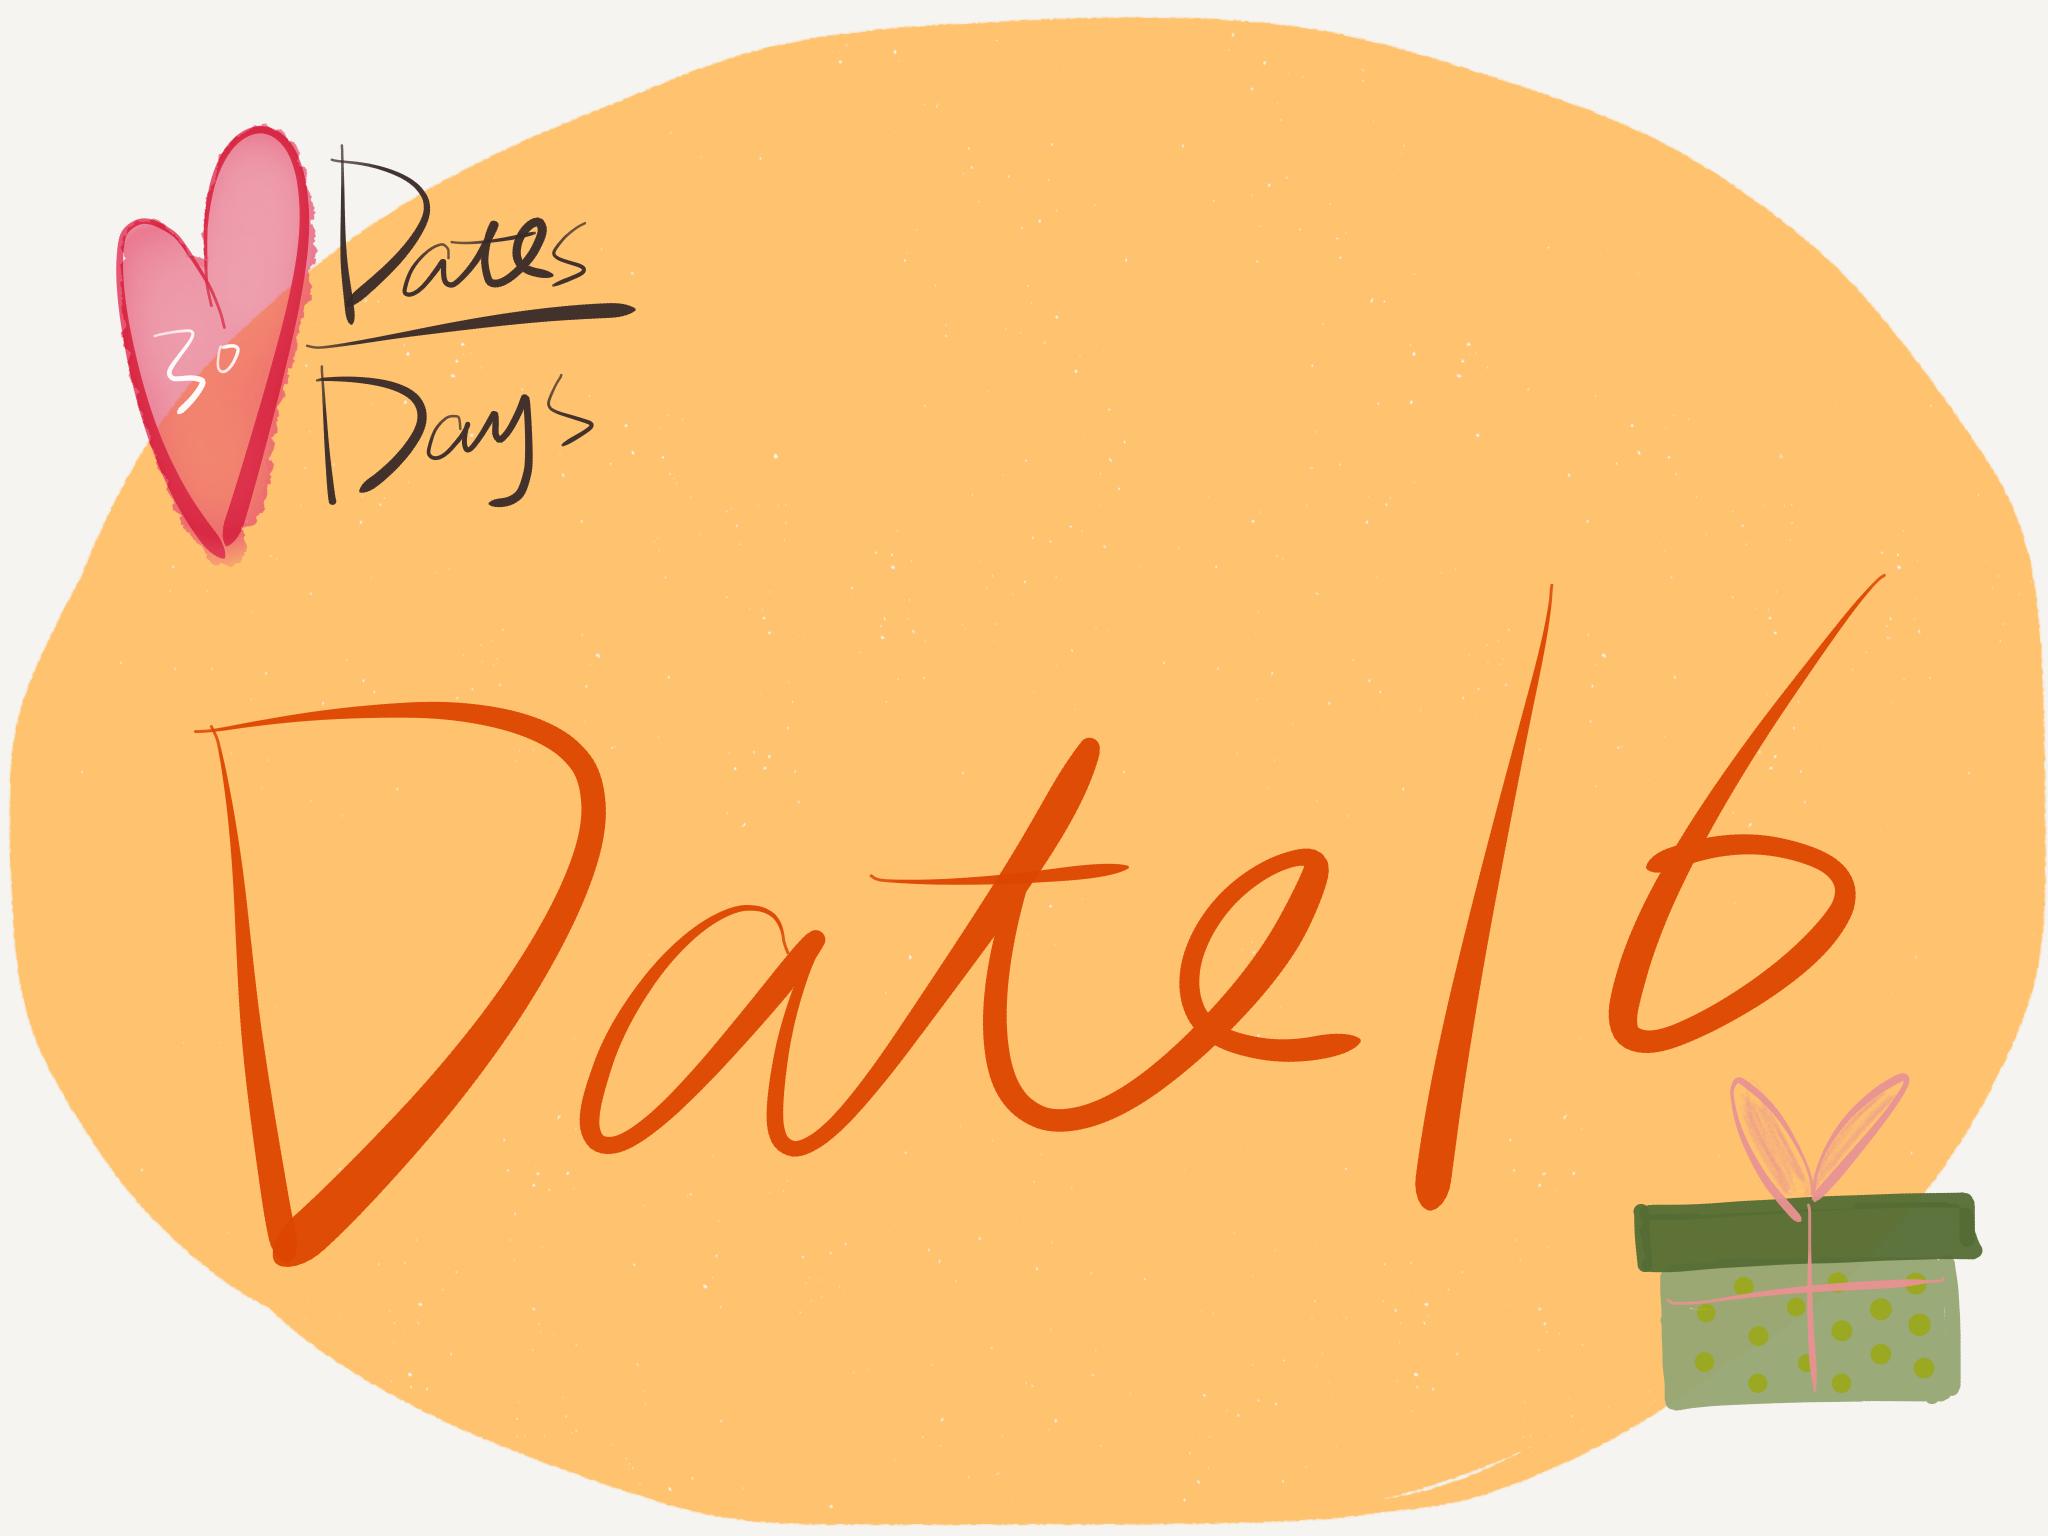 30 Dates - 18